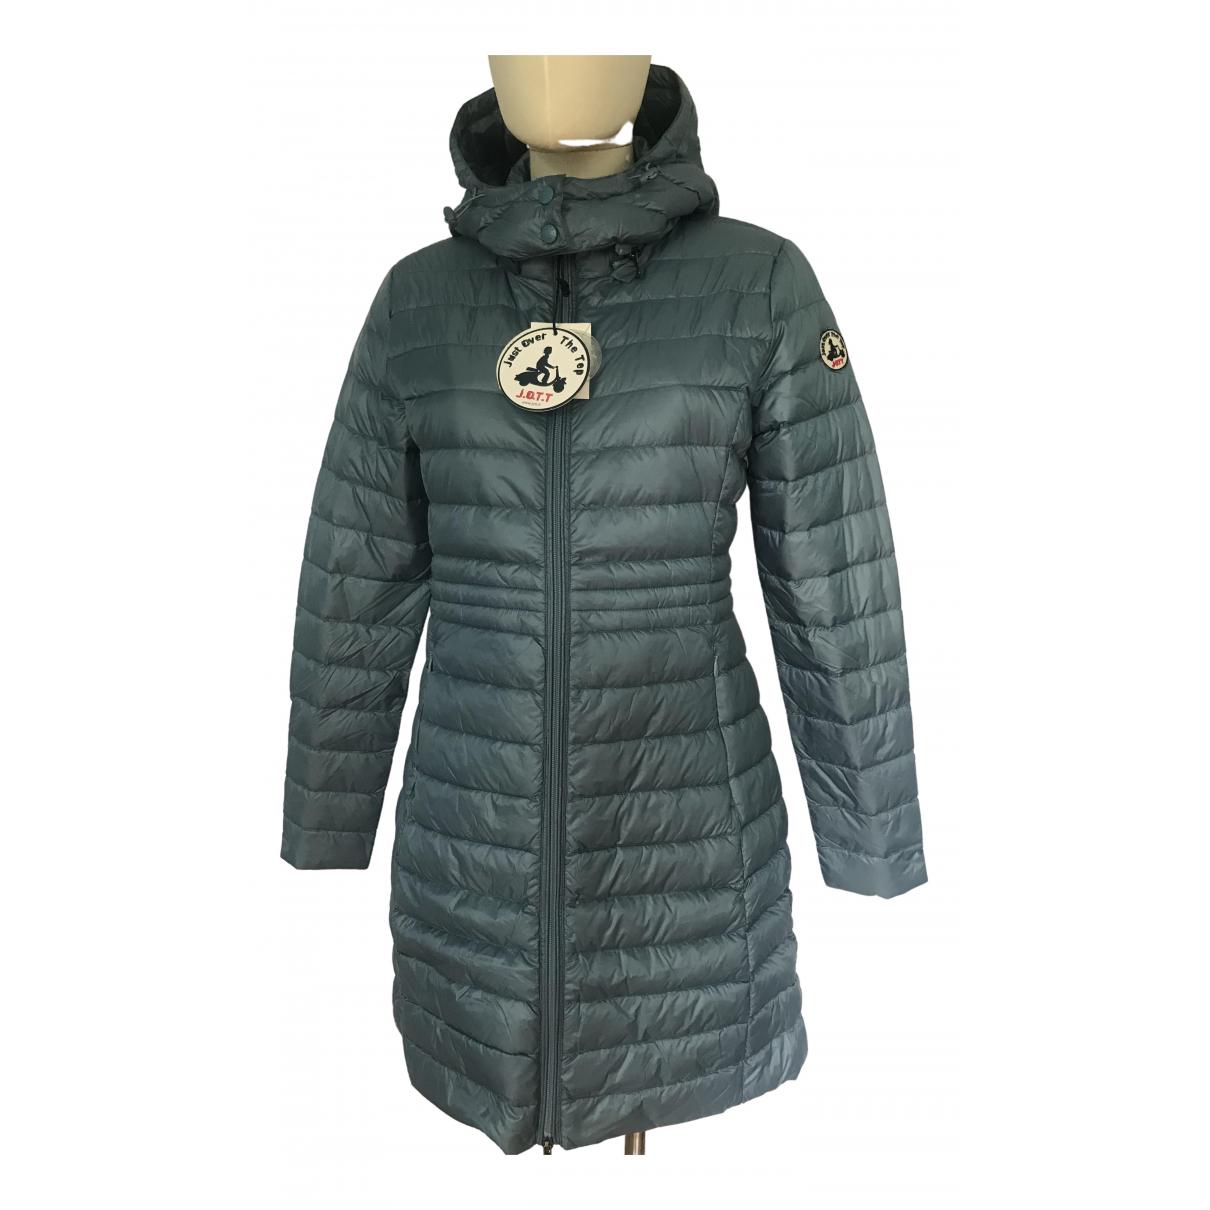 Jott \N Blue jacket for Women S International